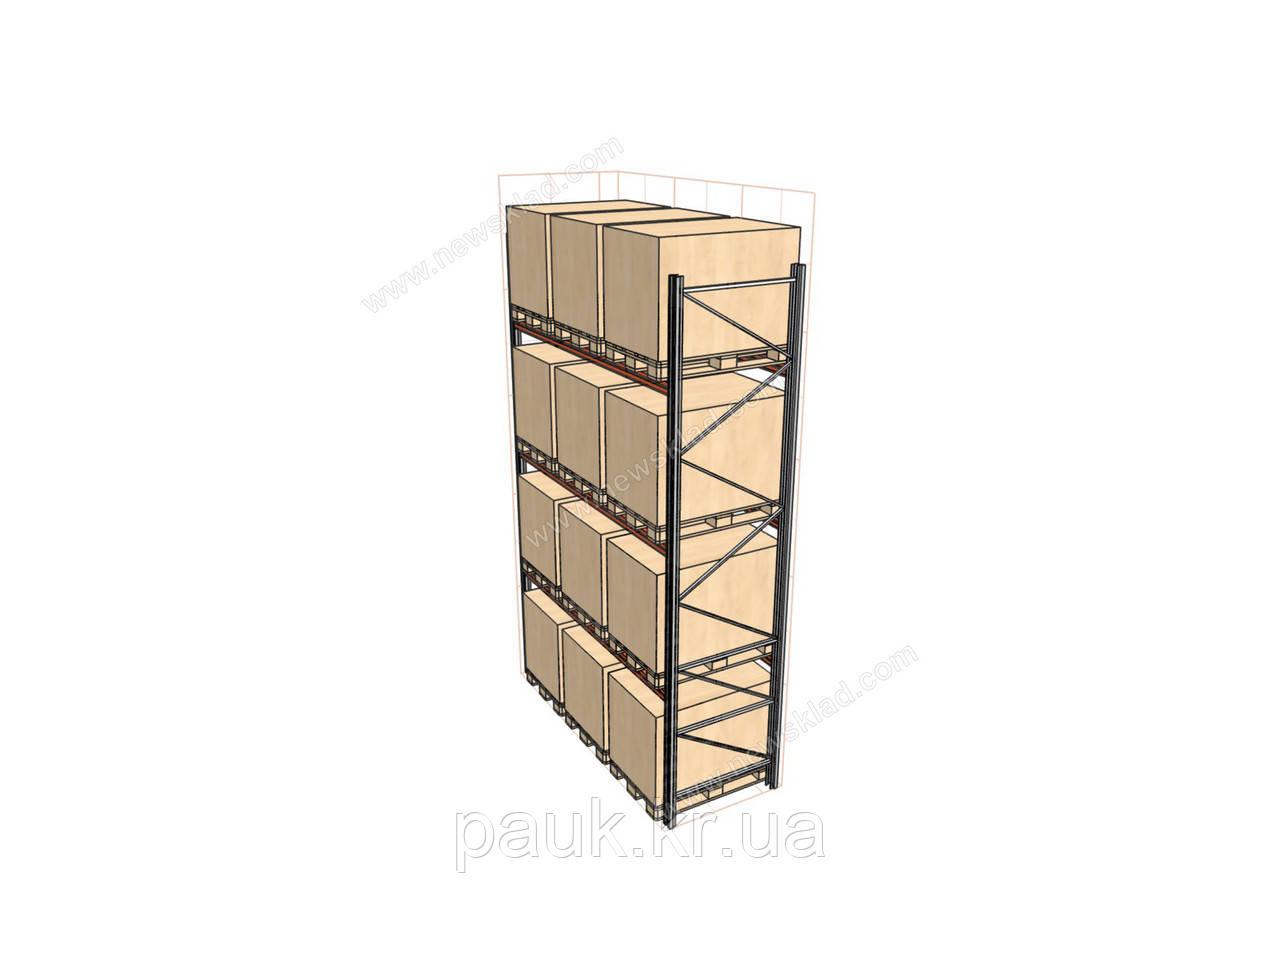 Фронтальный стеллаж Н4500хL2700х1100 мм(пол.+3 уровня по 1700 кг на уровень), стеллаж для паллет